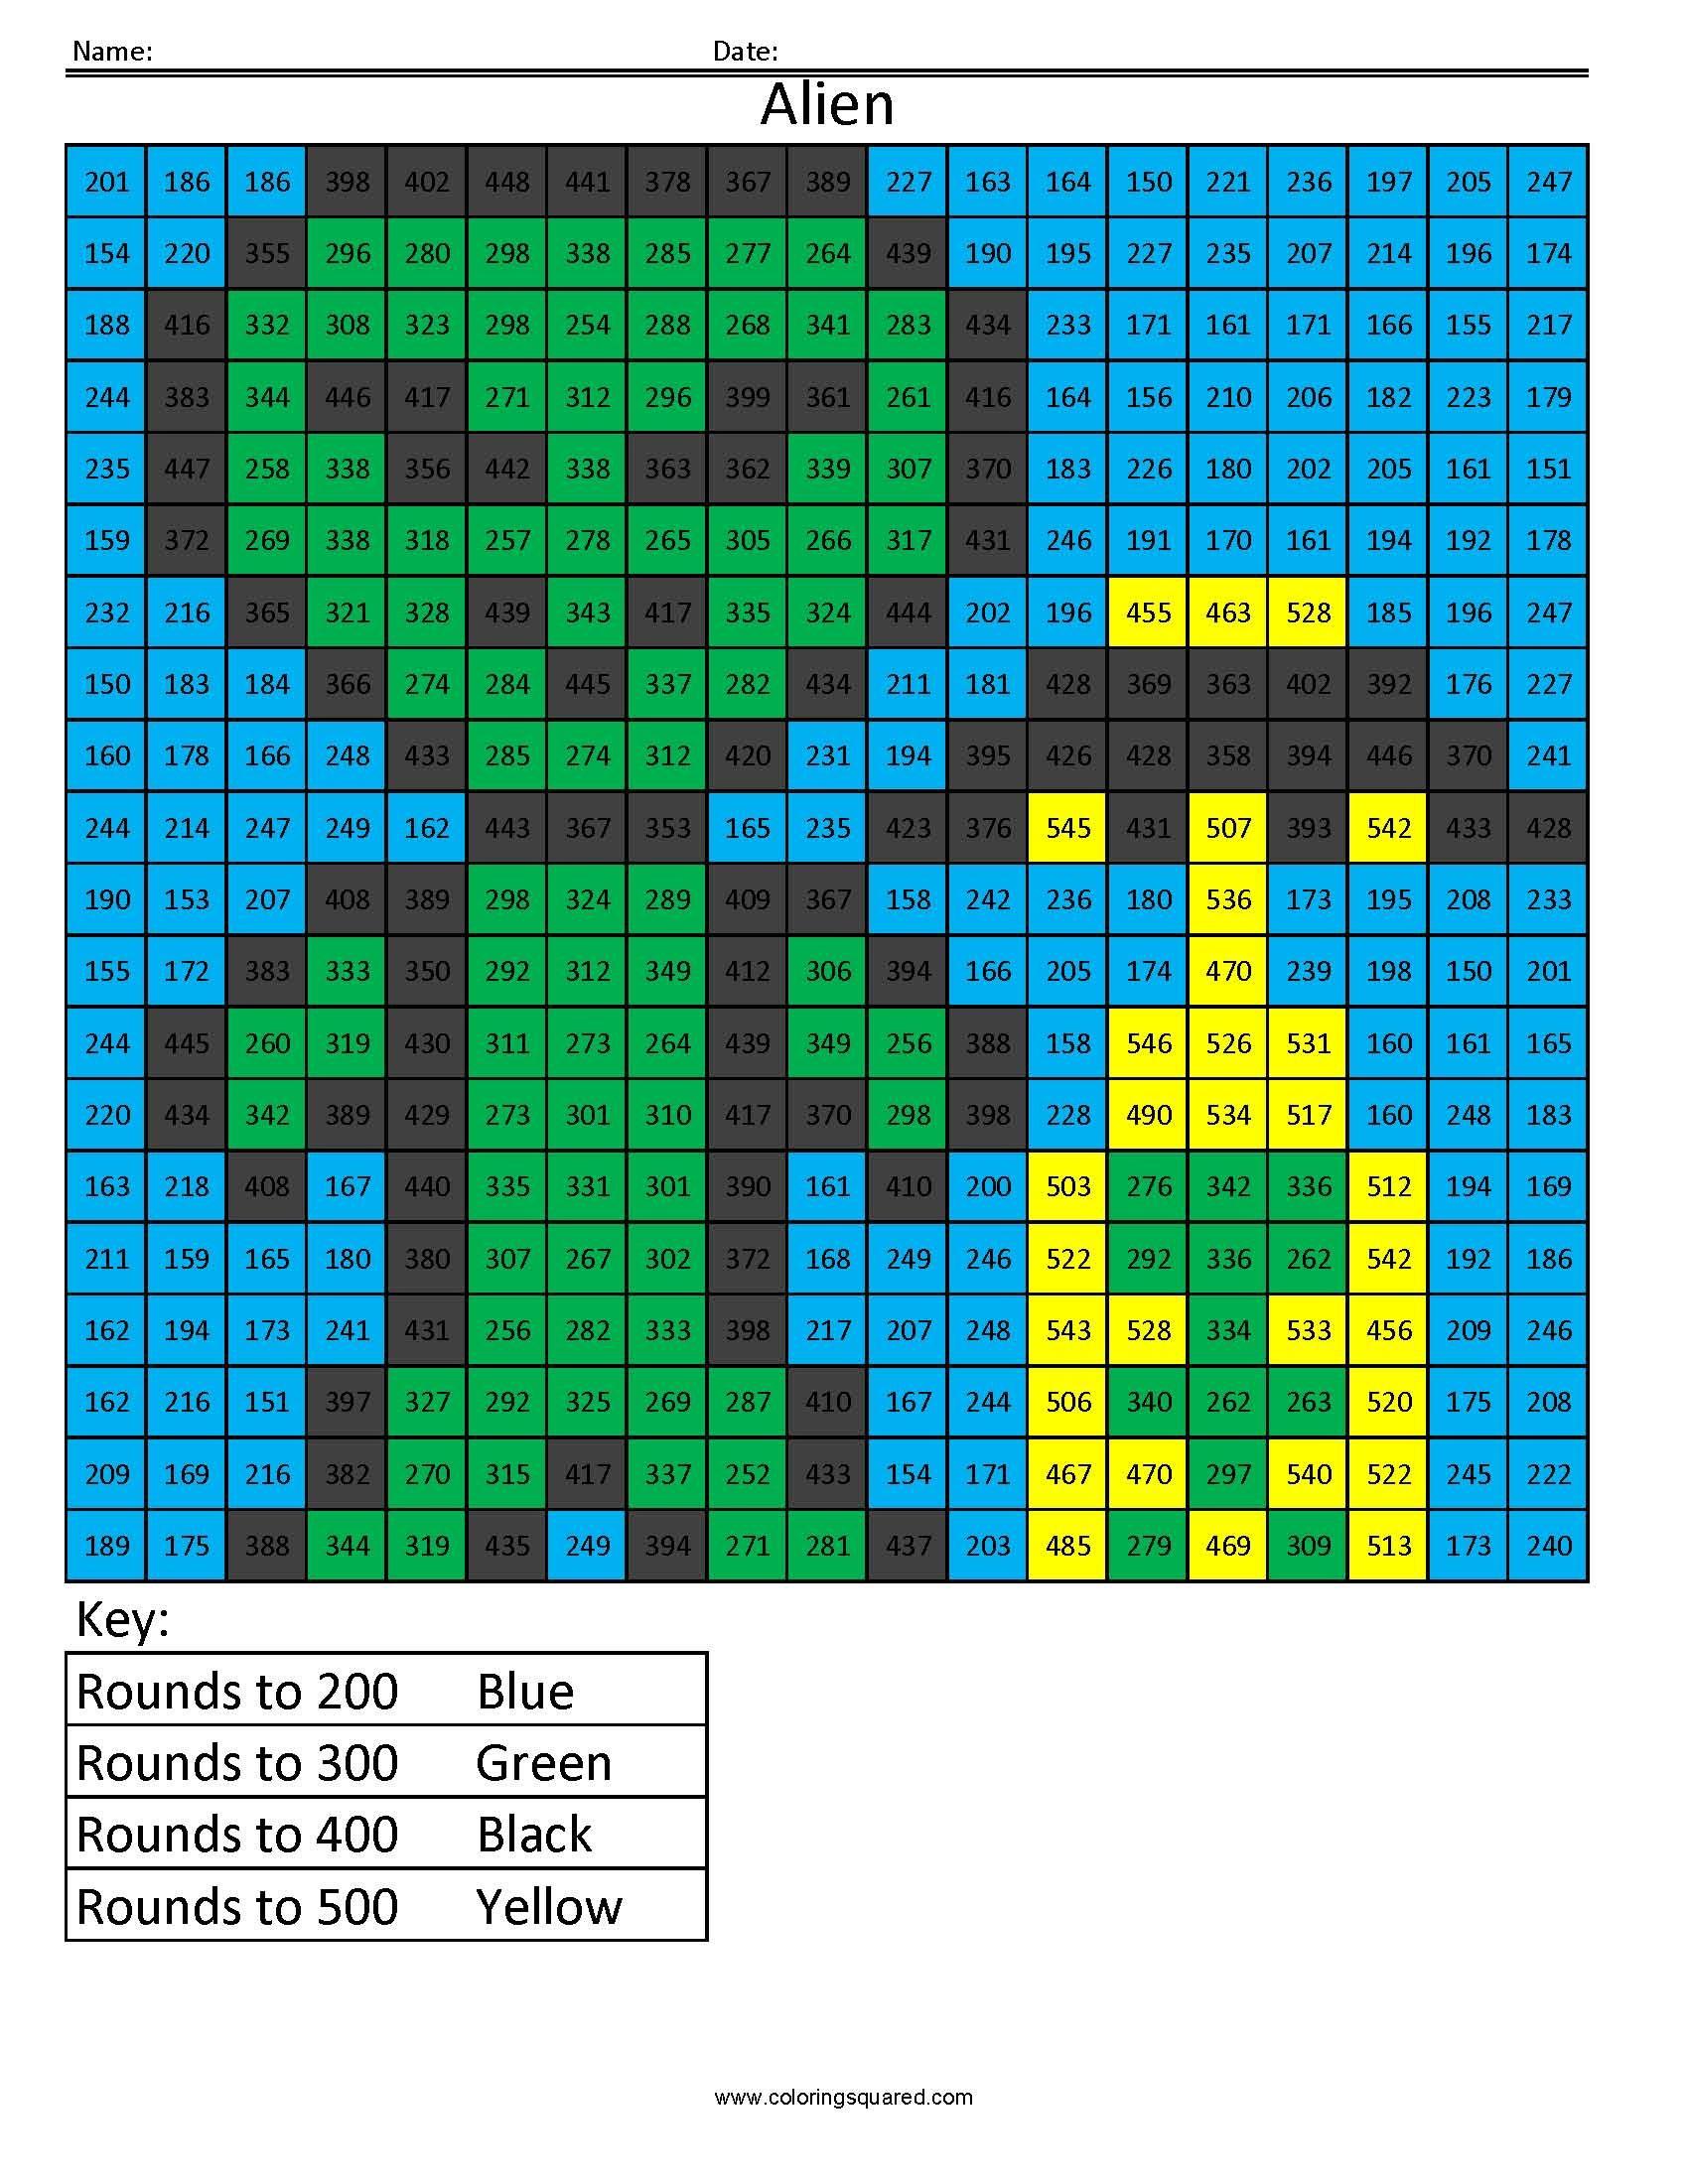 Worksheets Free Rounding Worksheets For 3rd Grade alien rounding to hundreds maths pinterest aliens hundreds